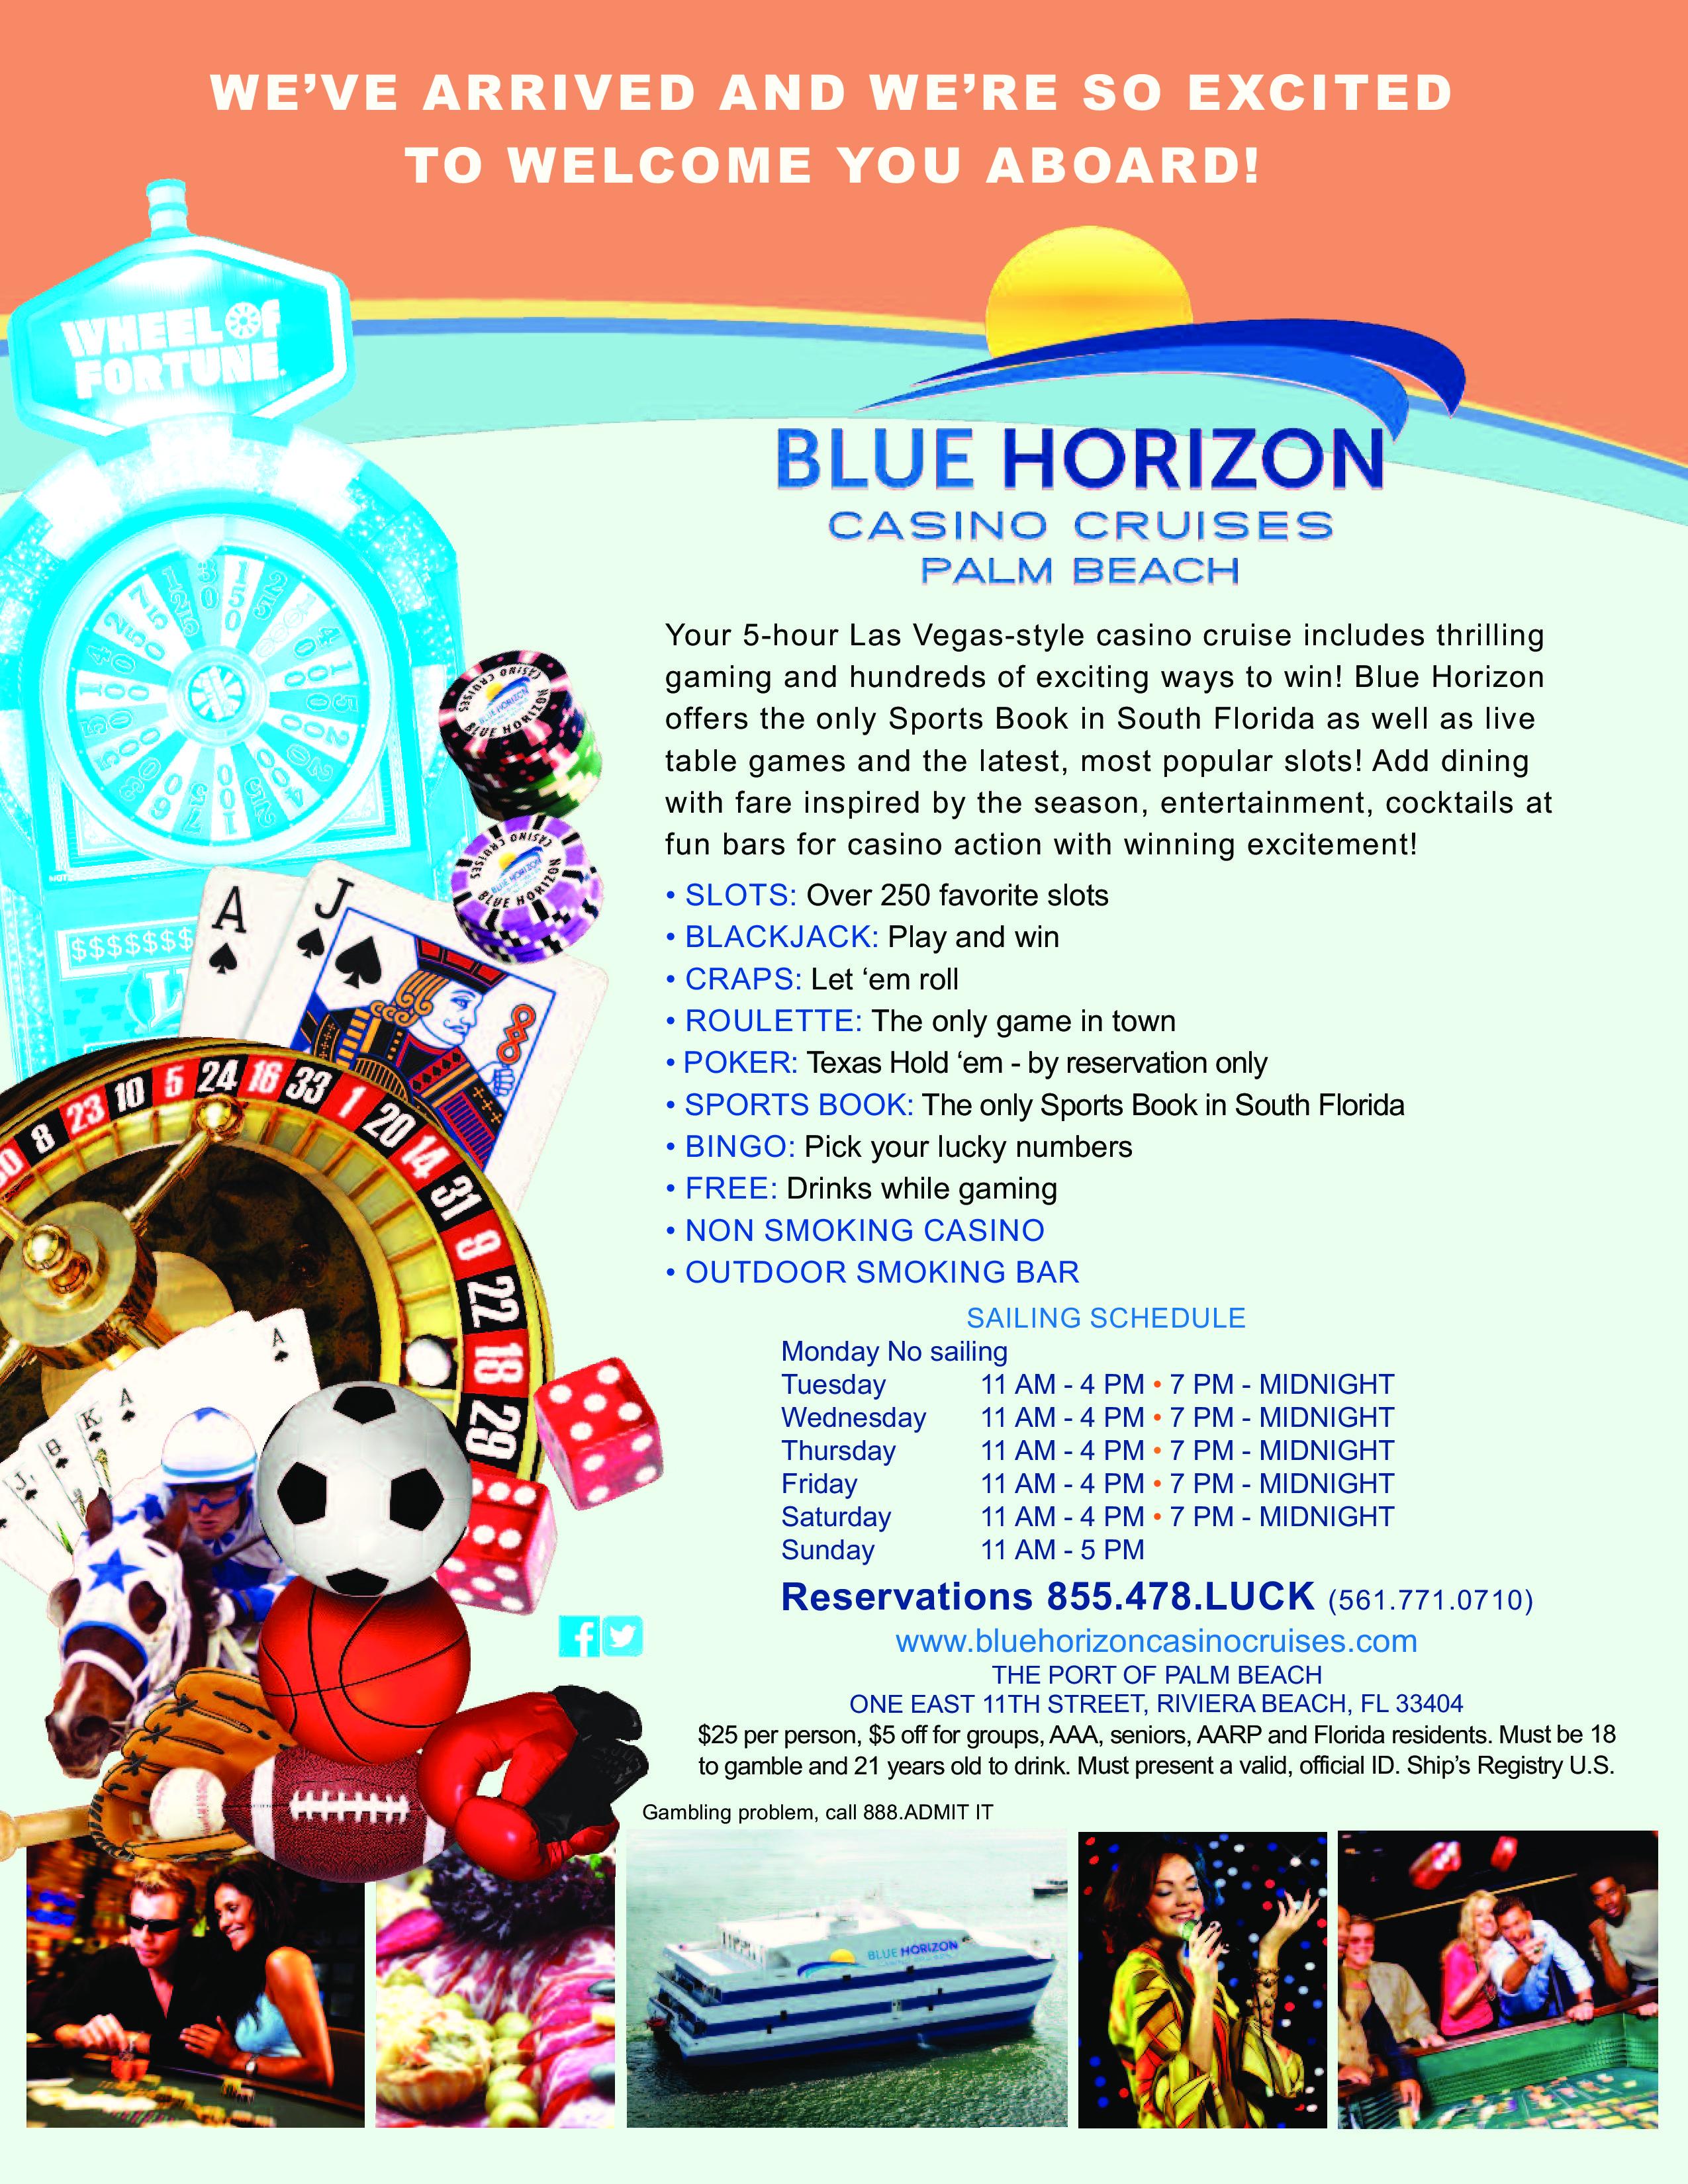 Blue horizon gambling cruise